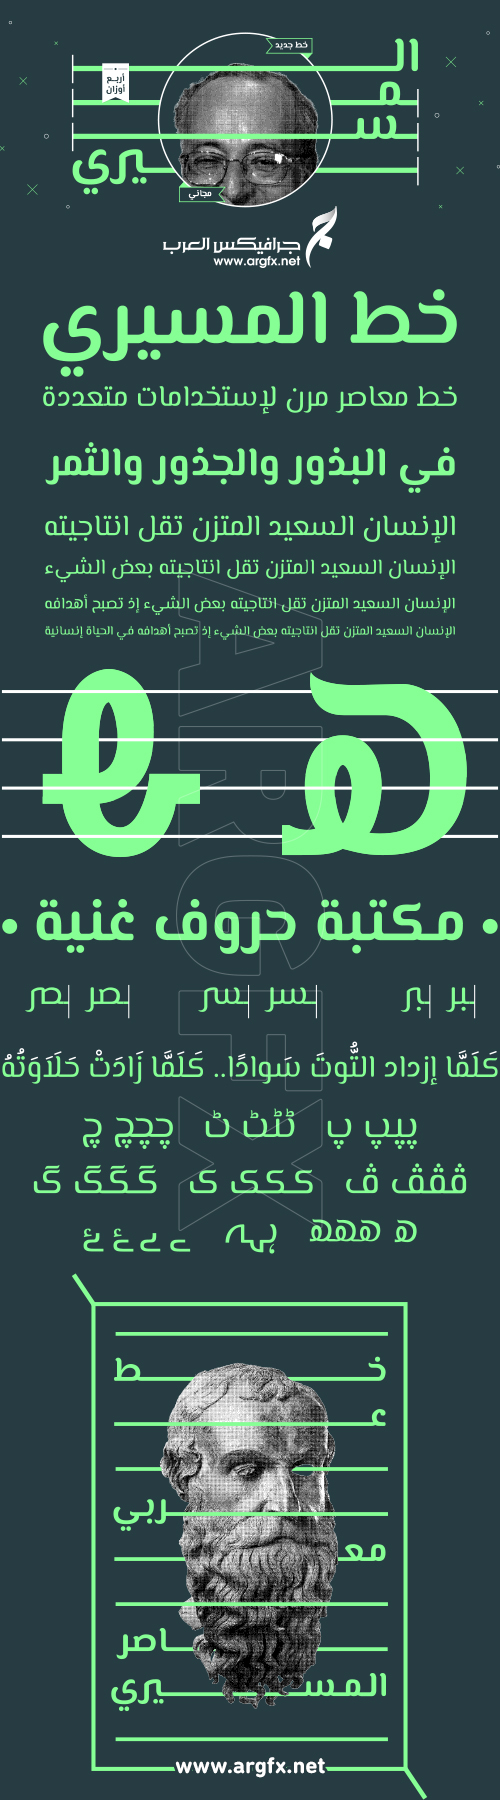 El Messiri Arabic Font Family